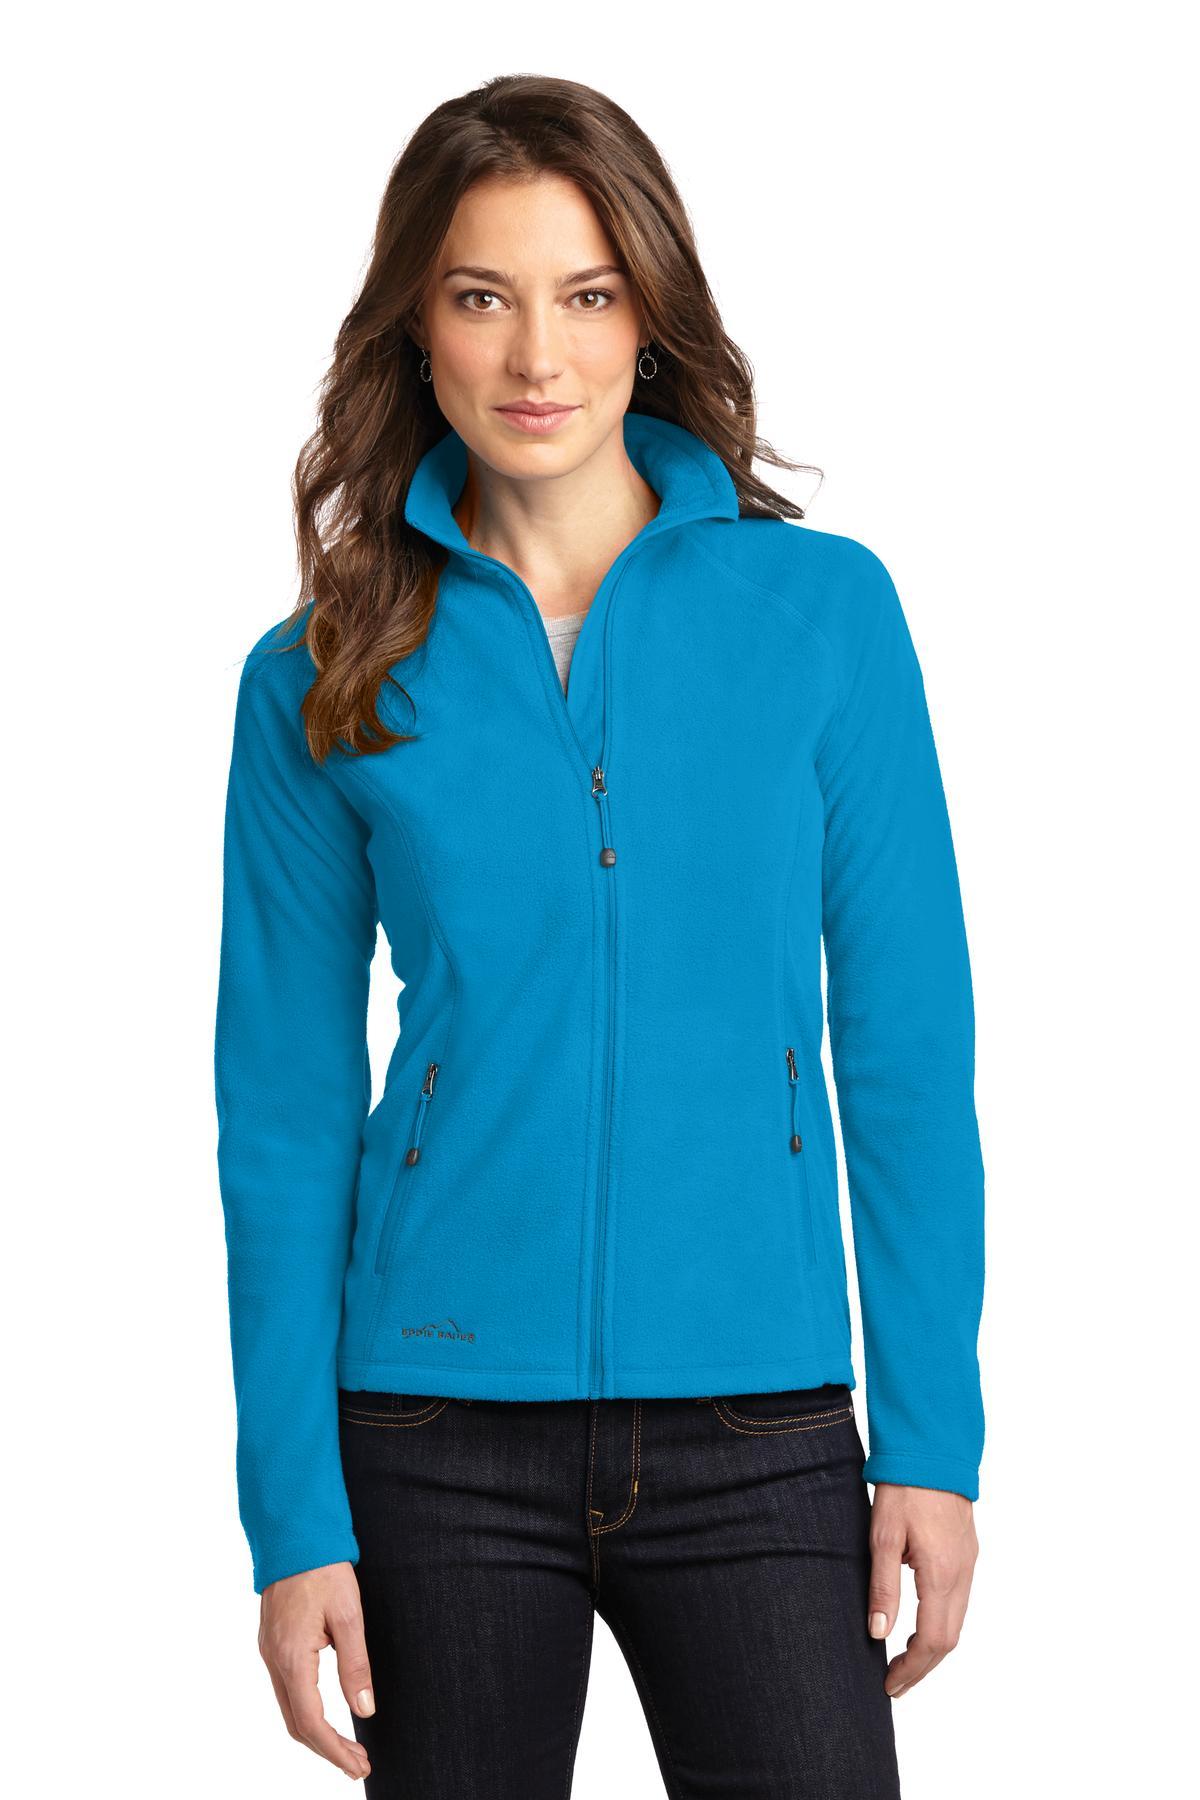 Eddie Bauer® Ladies Full-Zip Microfleece Jacket with Westminster Village Embroidered Logo-Eddie Bauer